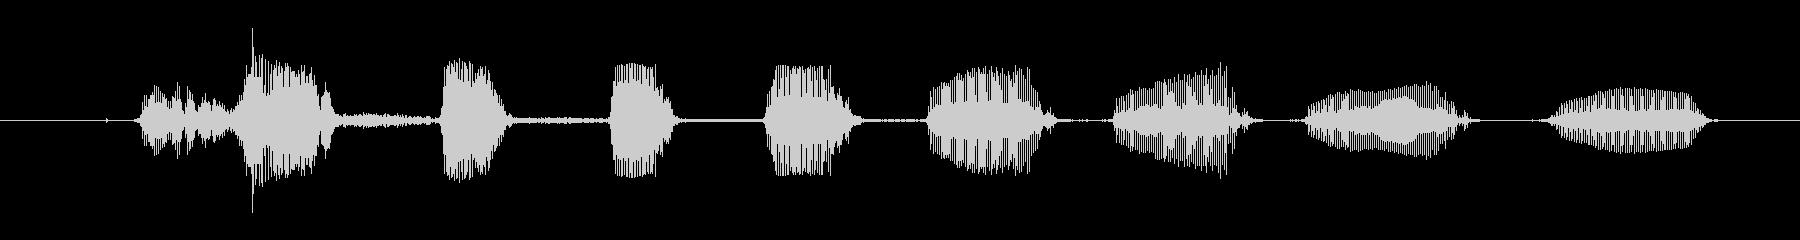 ドワーフ 笑01の未再生の波形